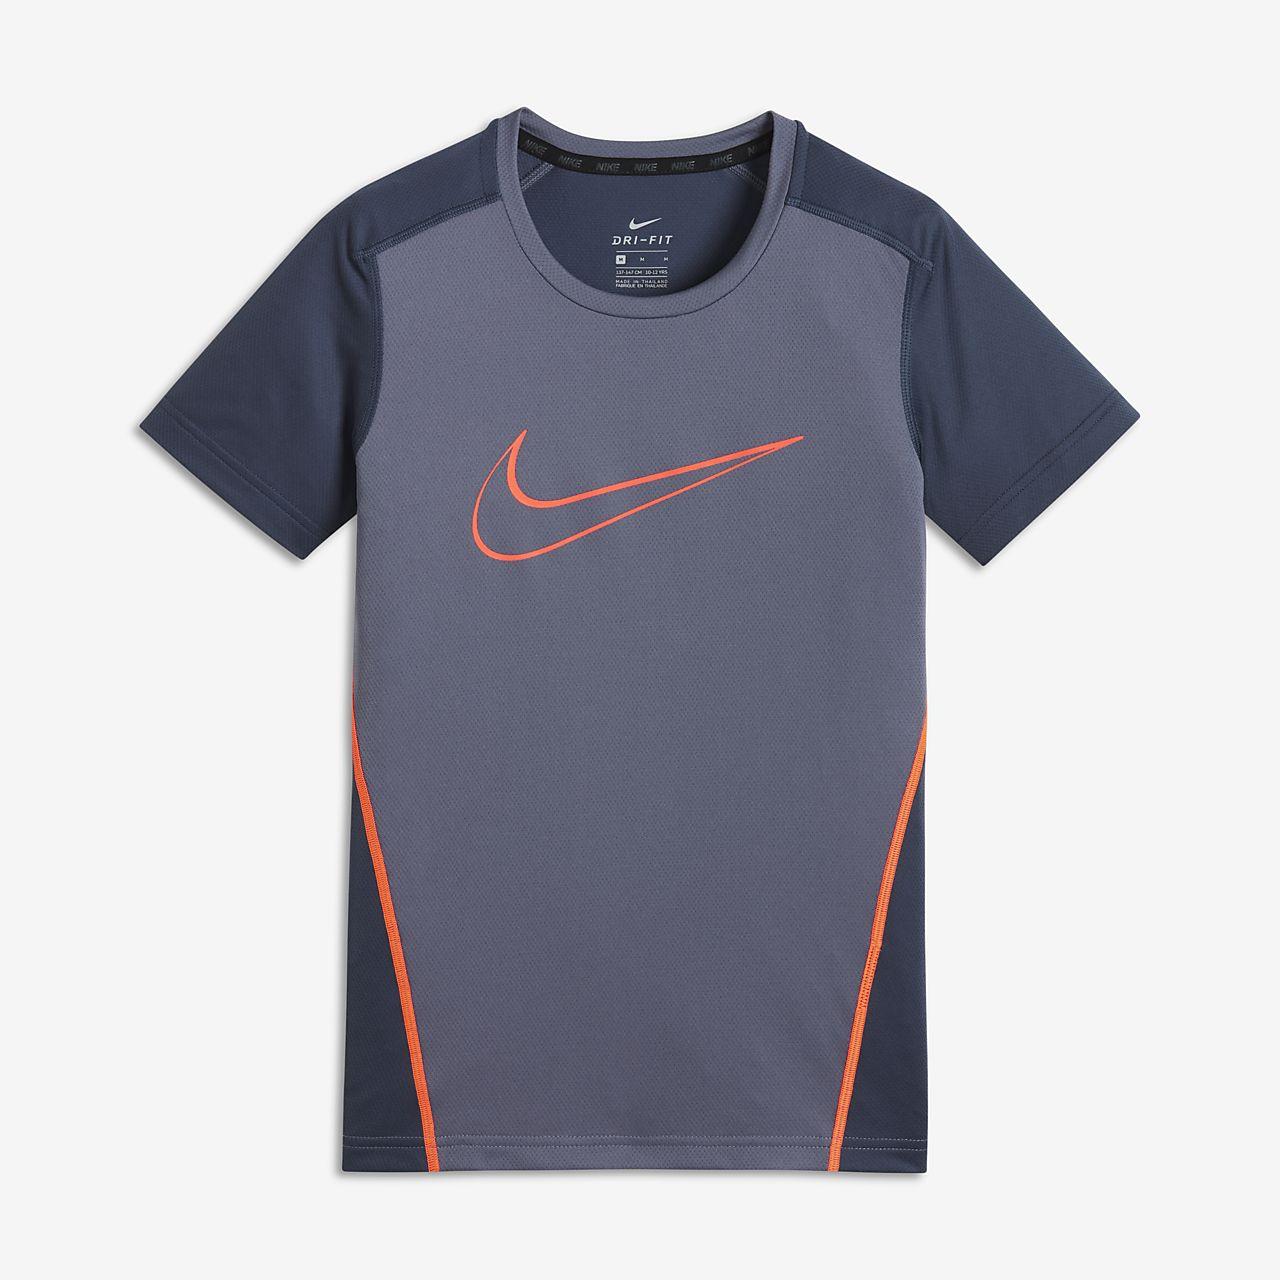 ... Nike Dri-FIT Camiseta de entrenamiento de manga corta - Niño